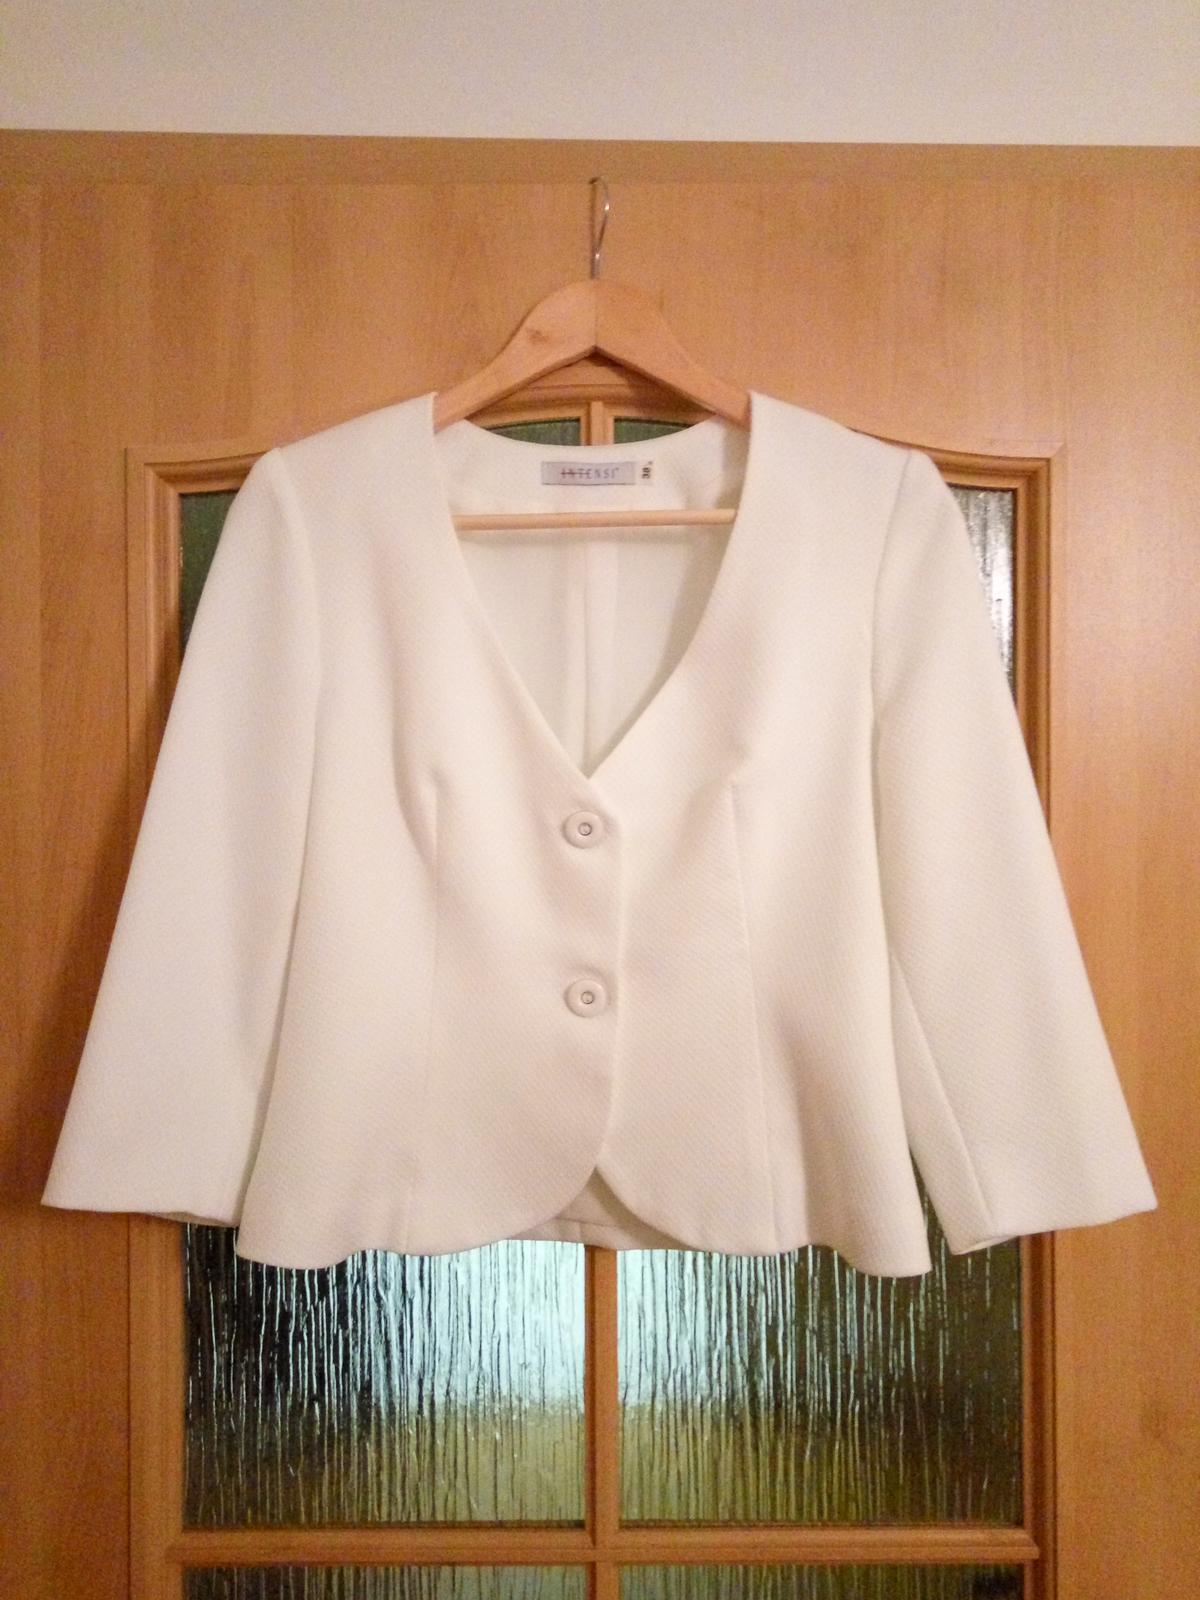 krátký kabátek - Obrázek č. 1